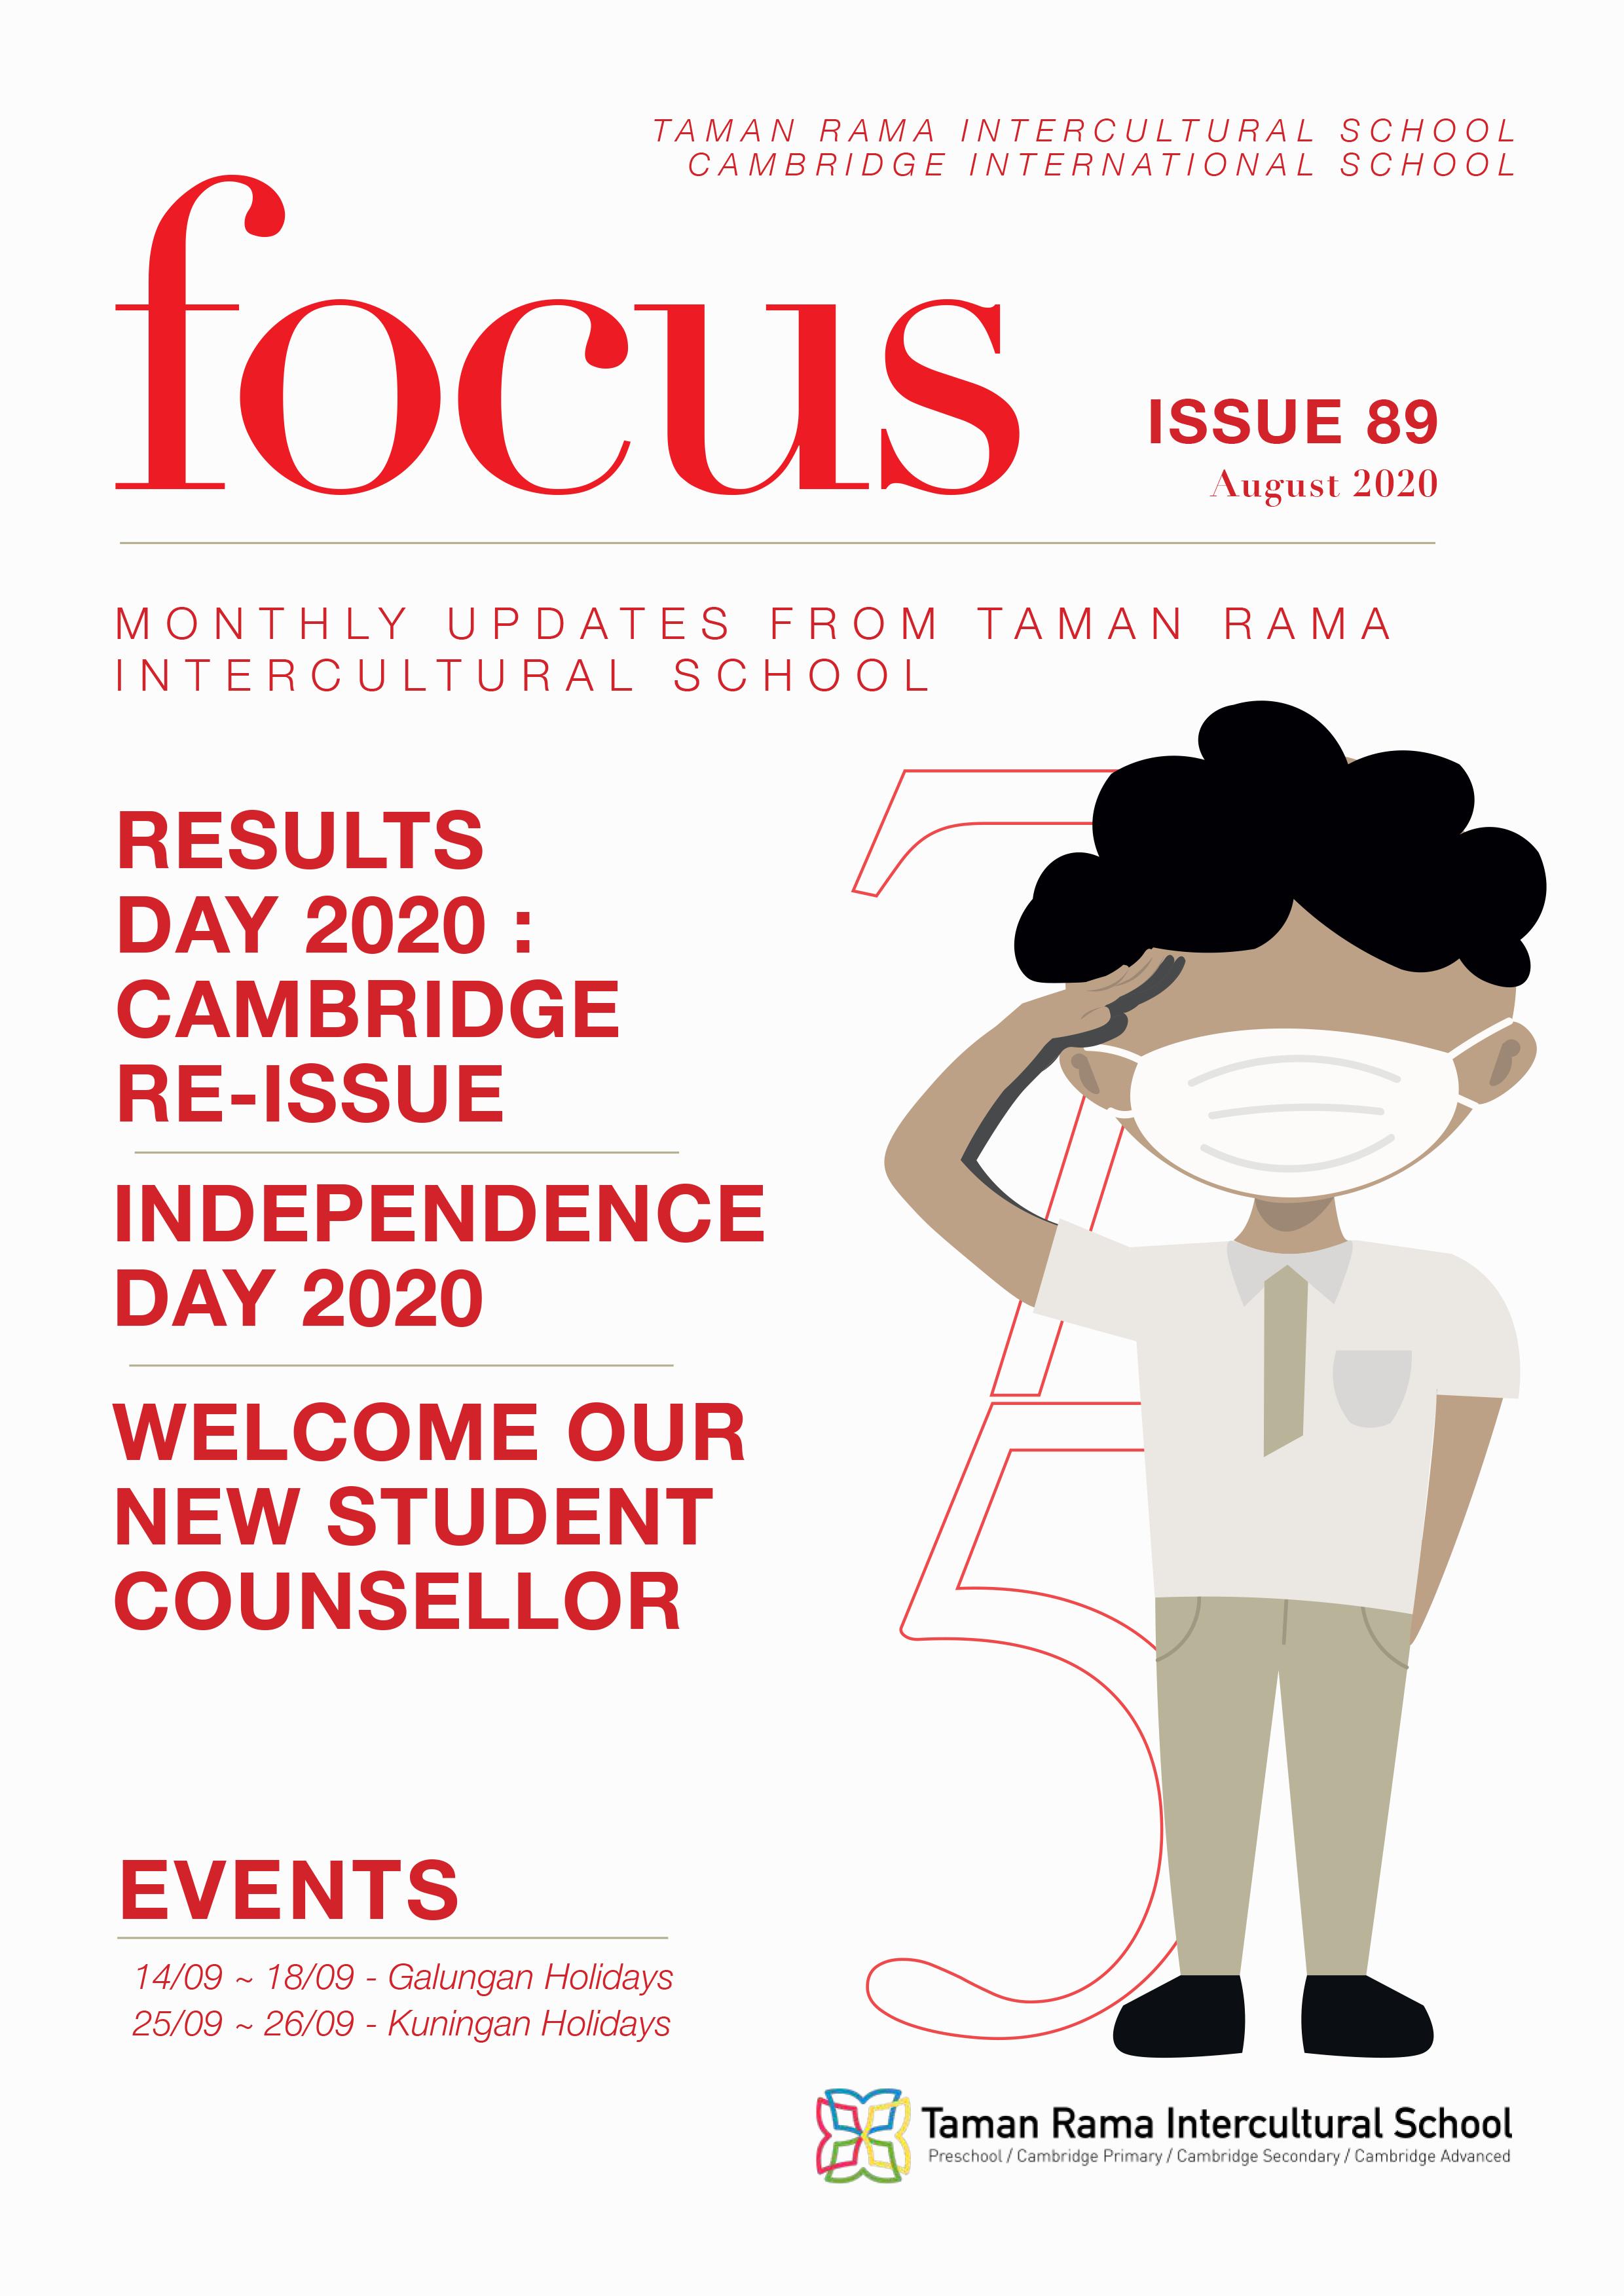 Focus Issue 89 – August 2020